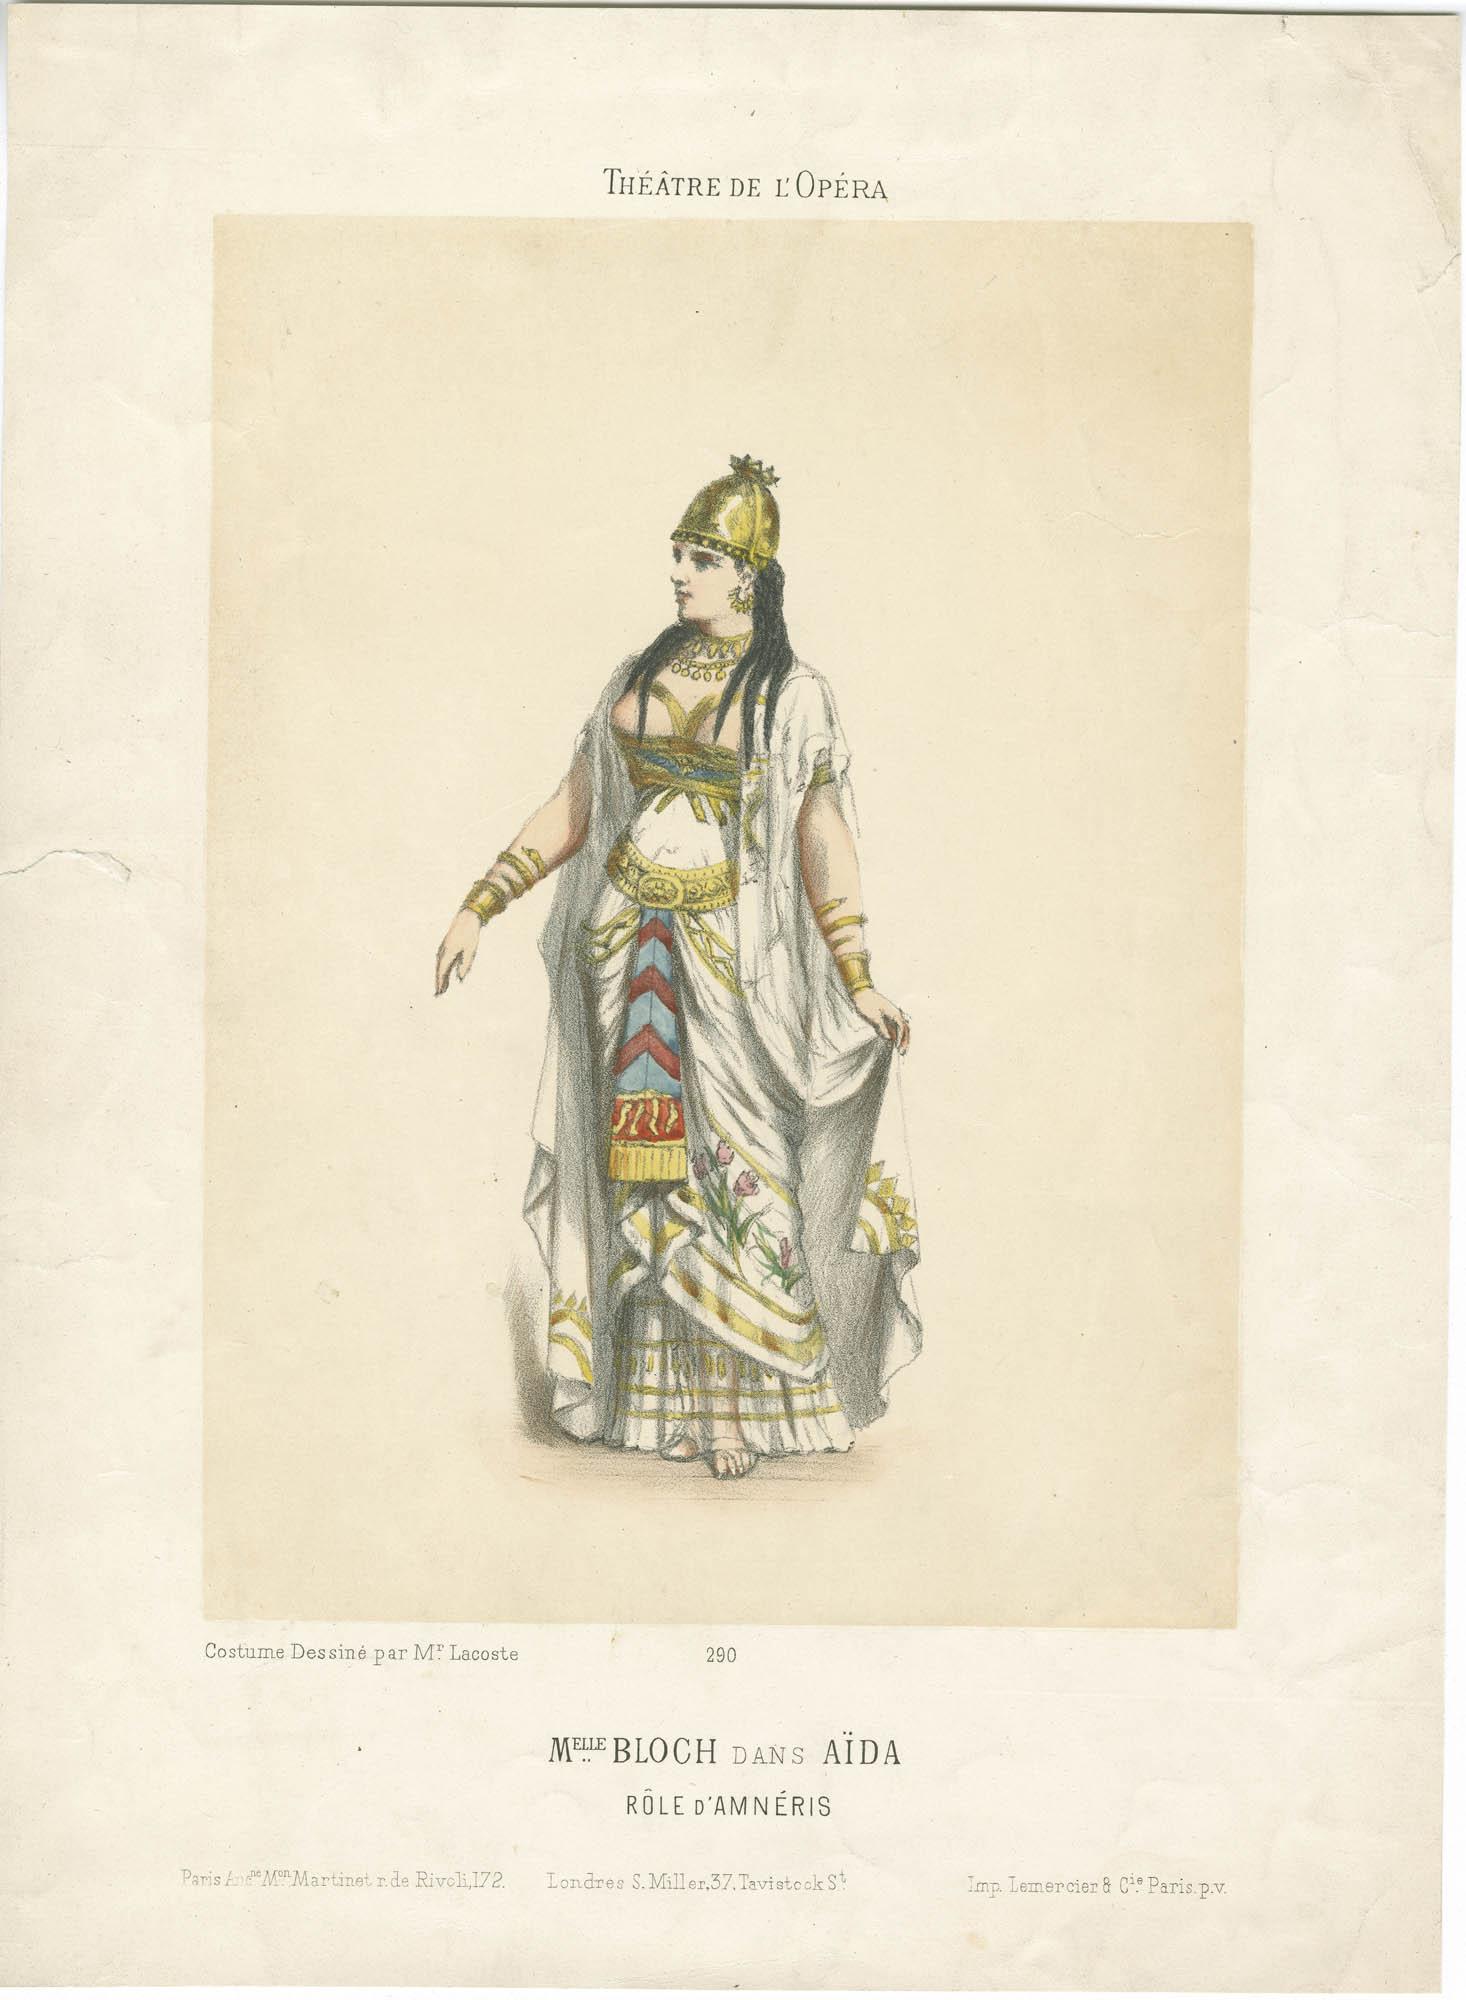 Mlle. Bloch dans Aïda, Rôle d'Amnéris